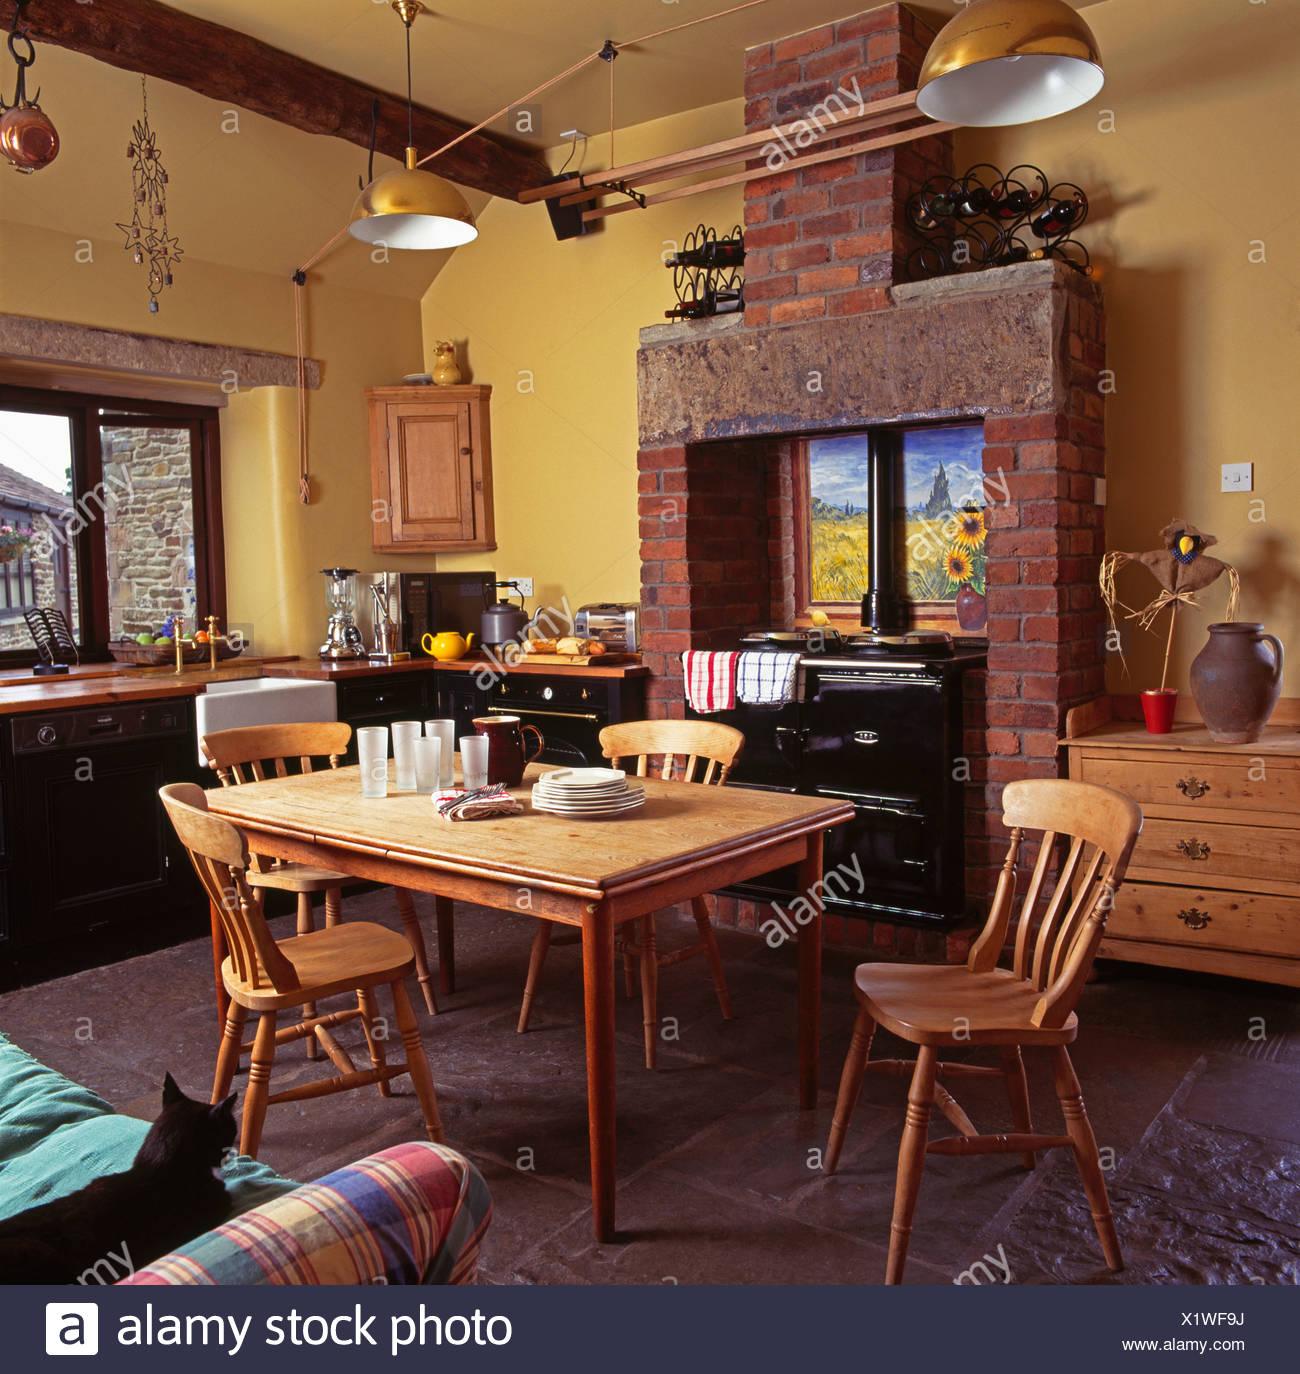 Gemütlich Billiges Küche Esstisch Und Stühle Uk Fotos ...